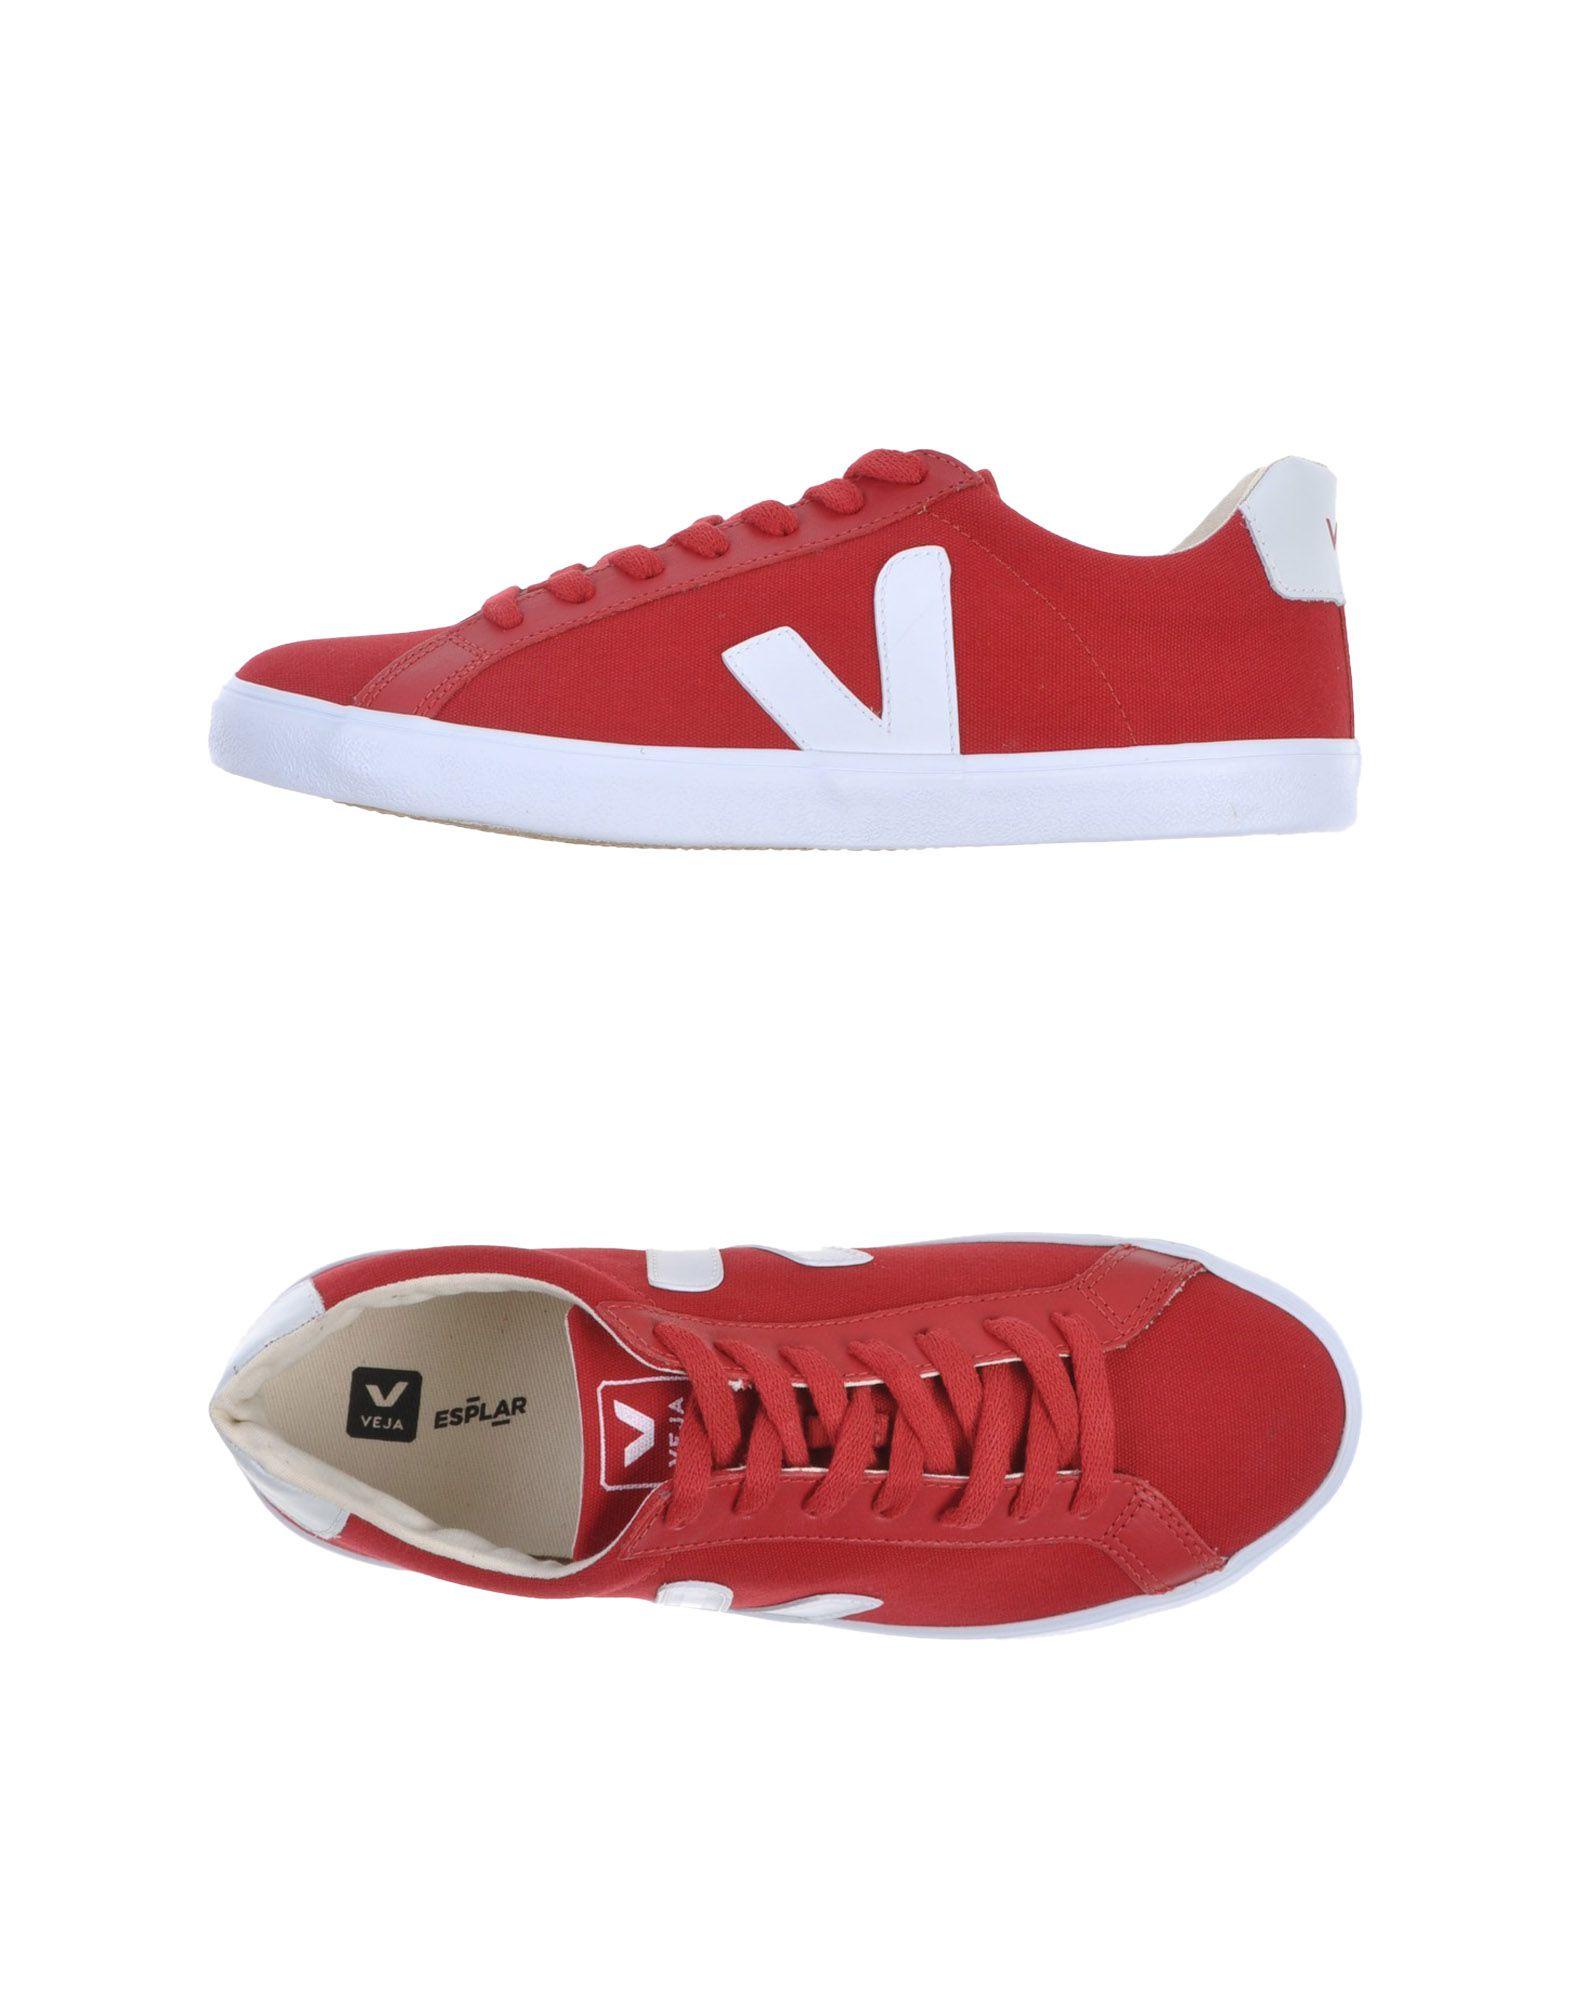 Veja Sneakers Sneakers - Men Veja Sneakers Veja online on  United Kingdom - 44777549CE 026839